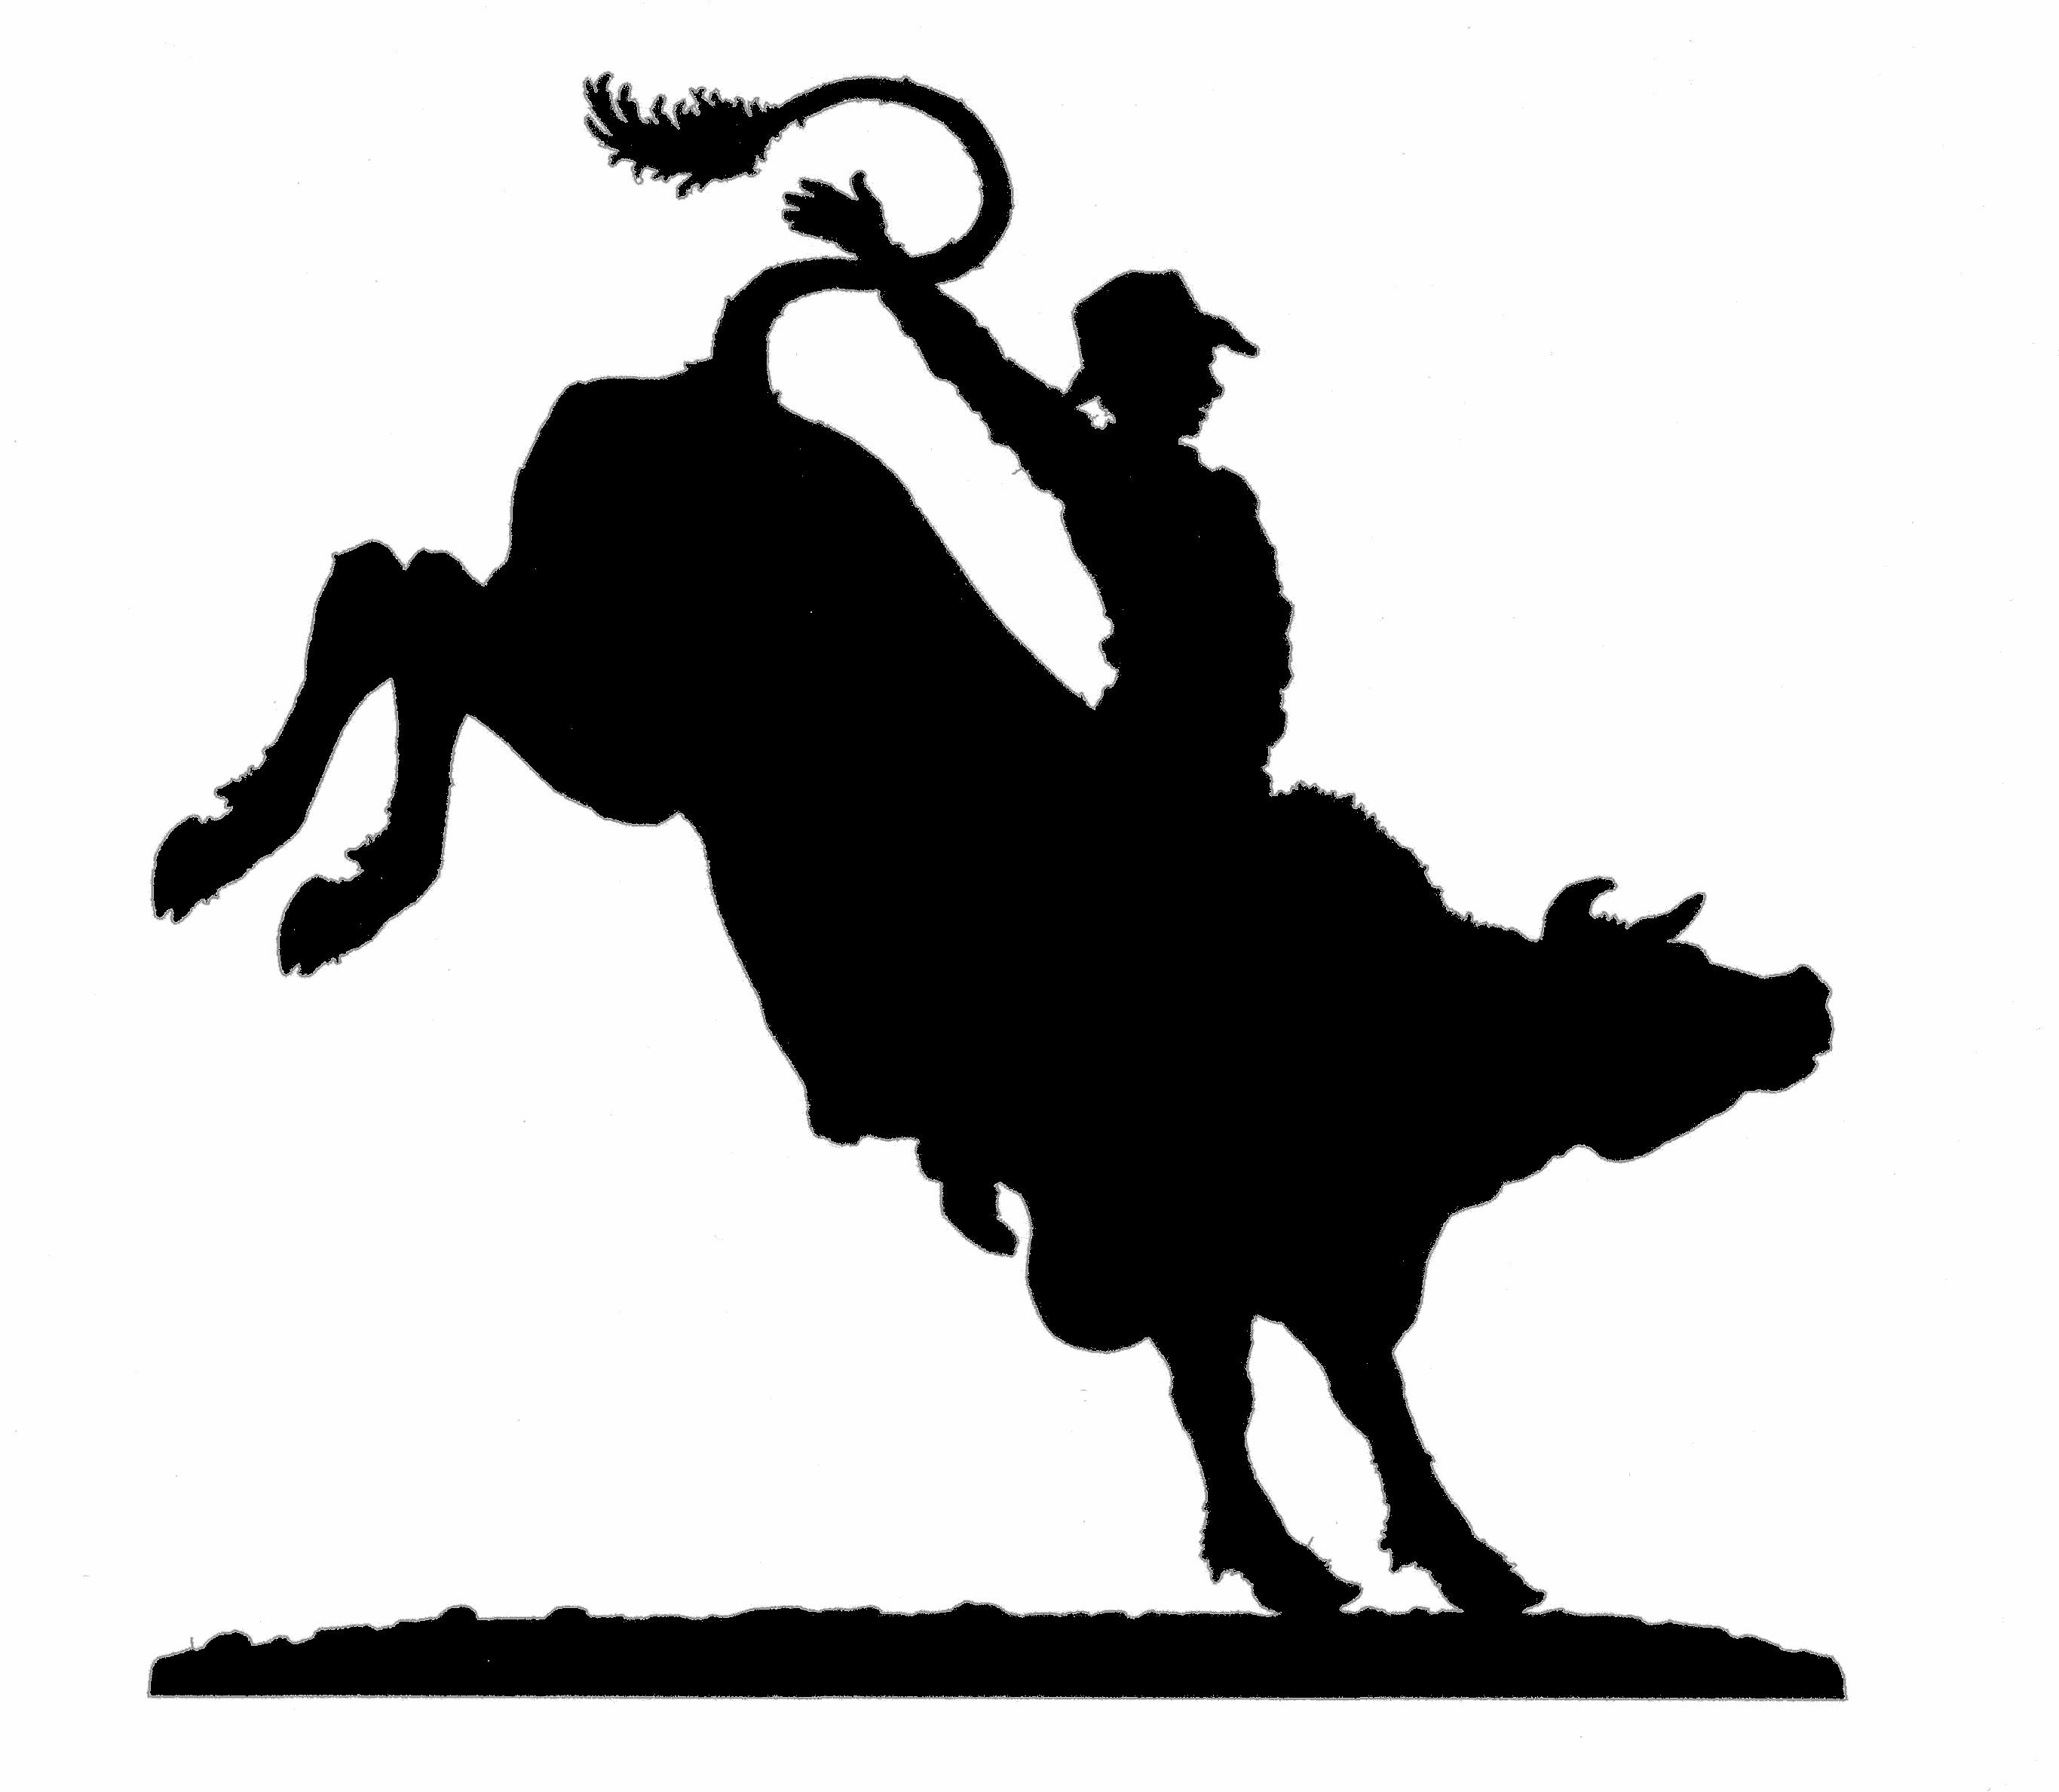 Bull clipart rodeo bull Clip Clip Bull Art on